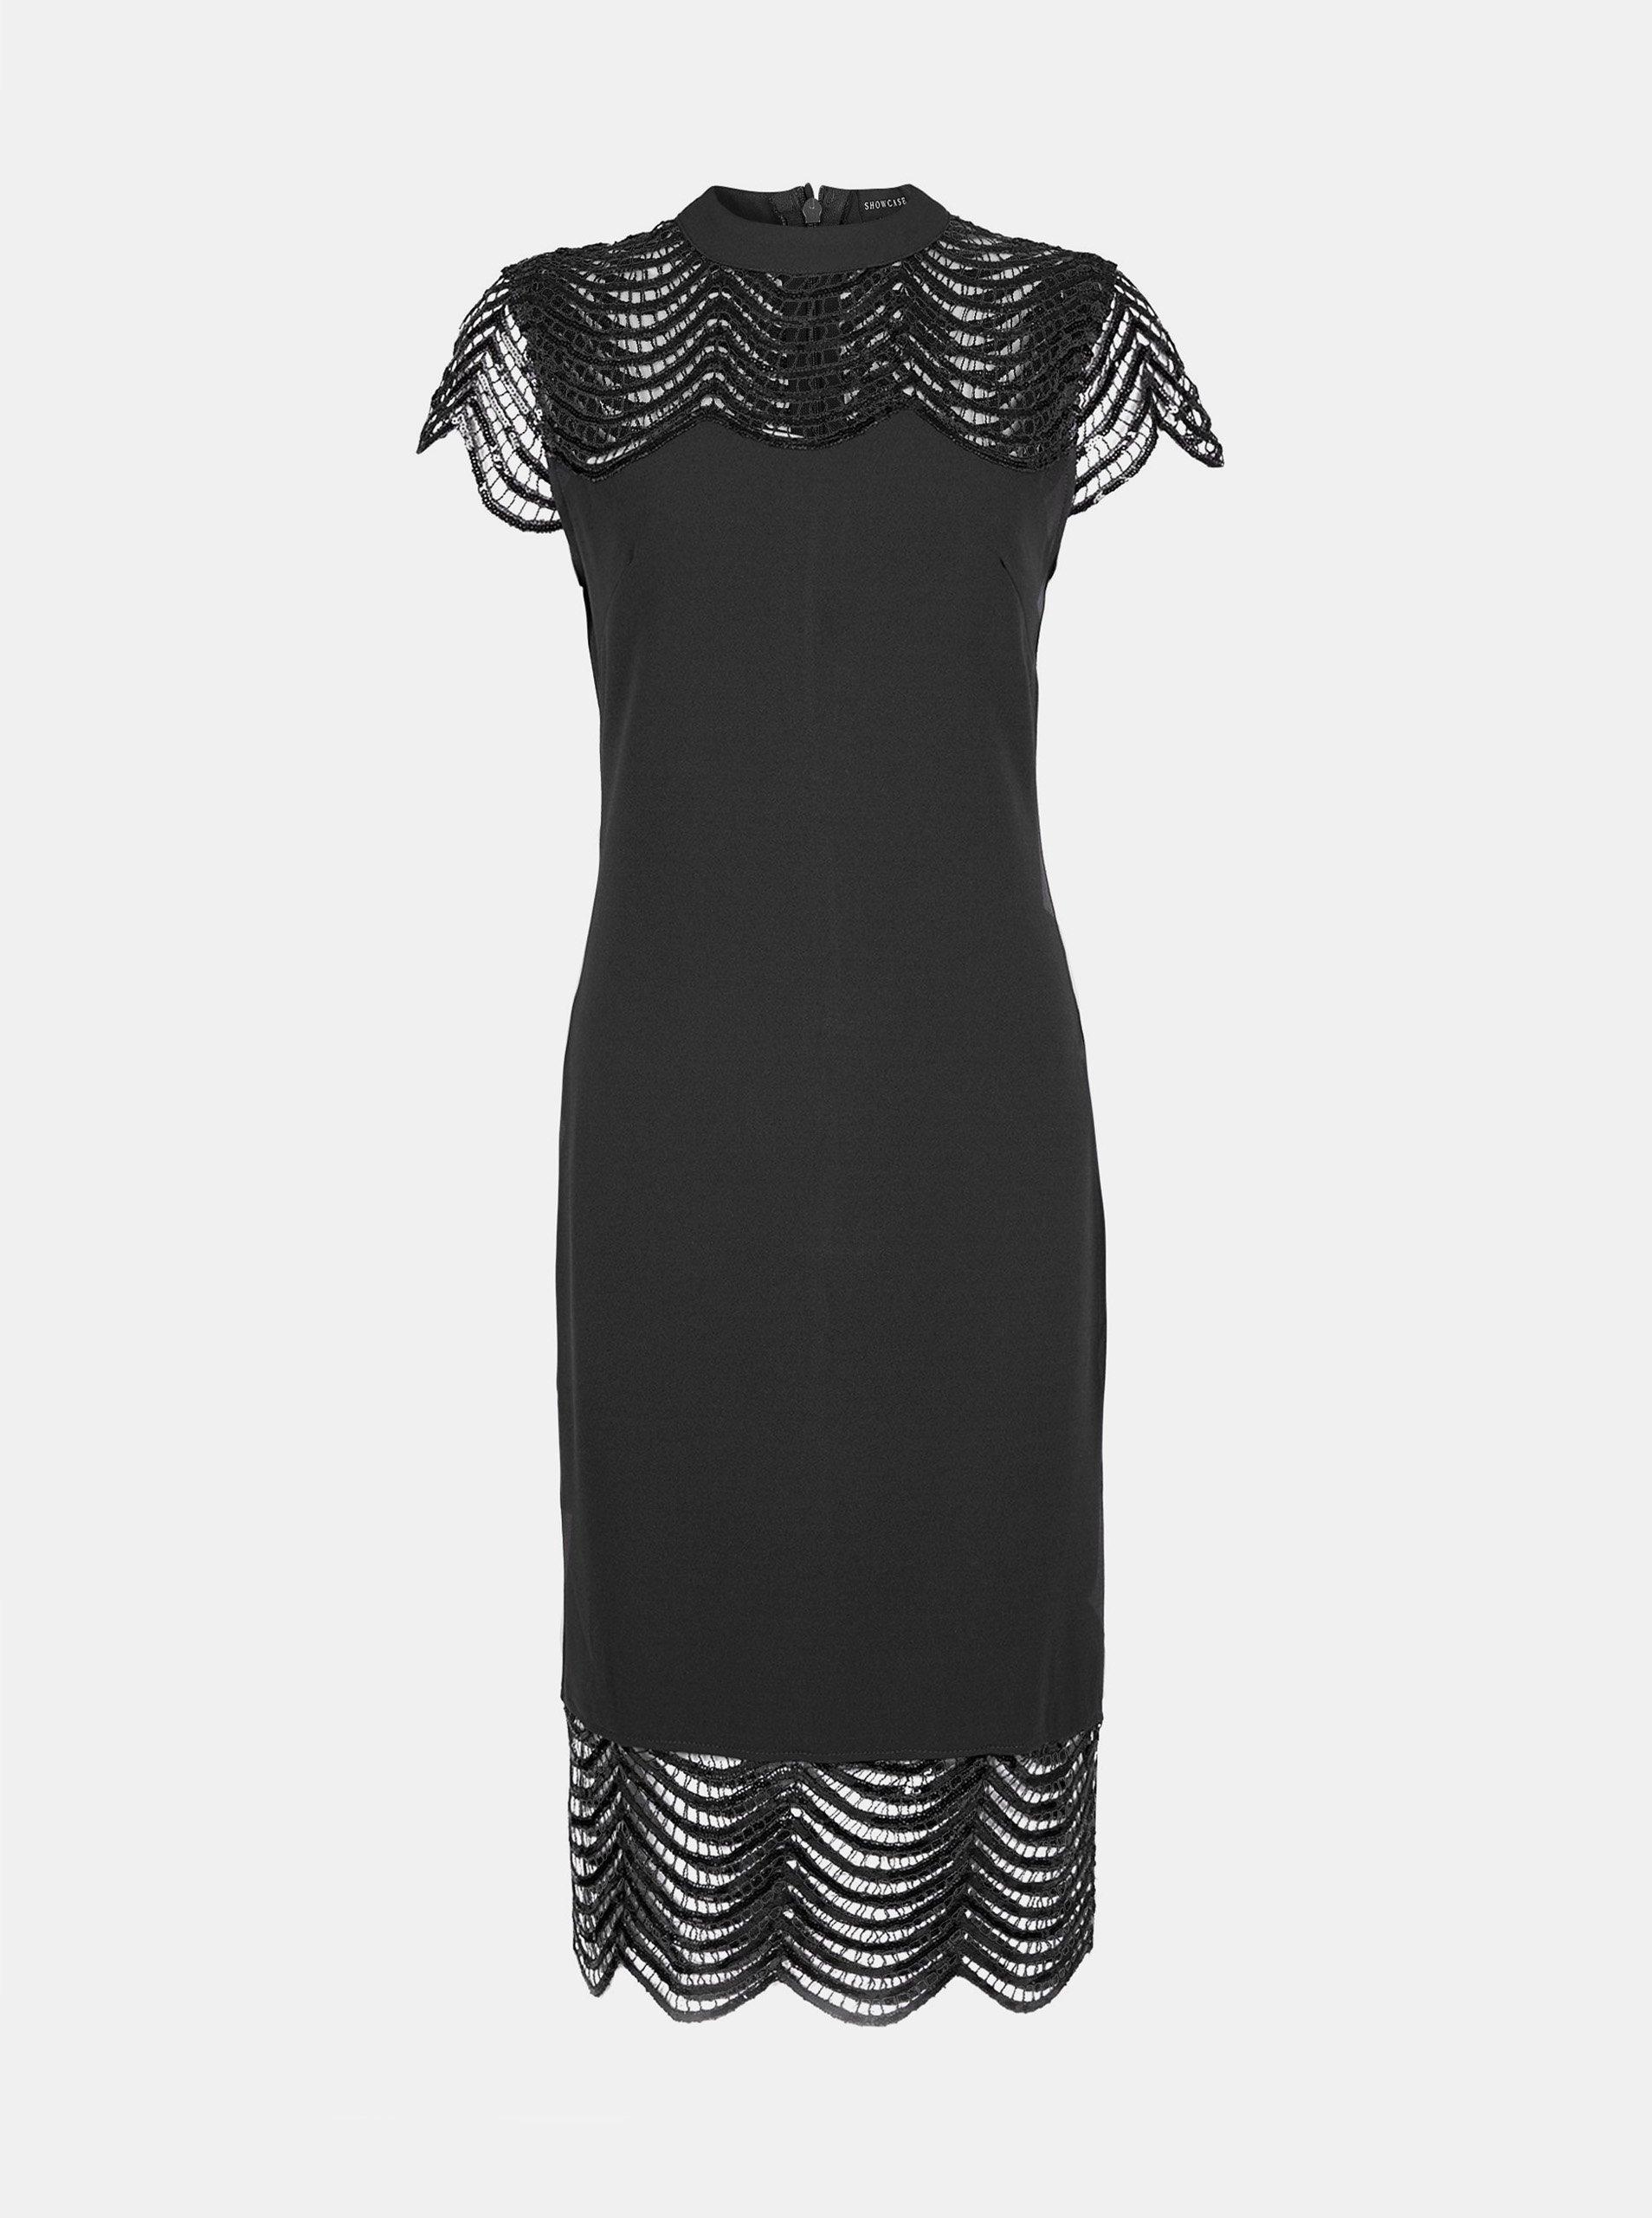 Čierne púzdrové šaty s krajkou Dorothy Perkins.